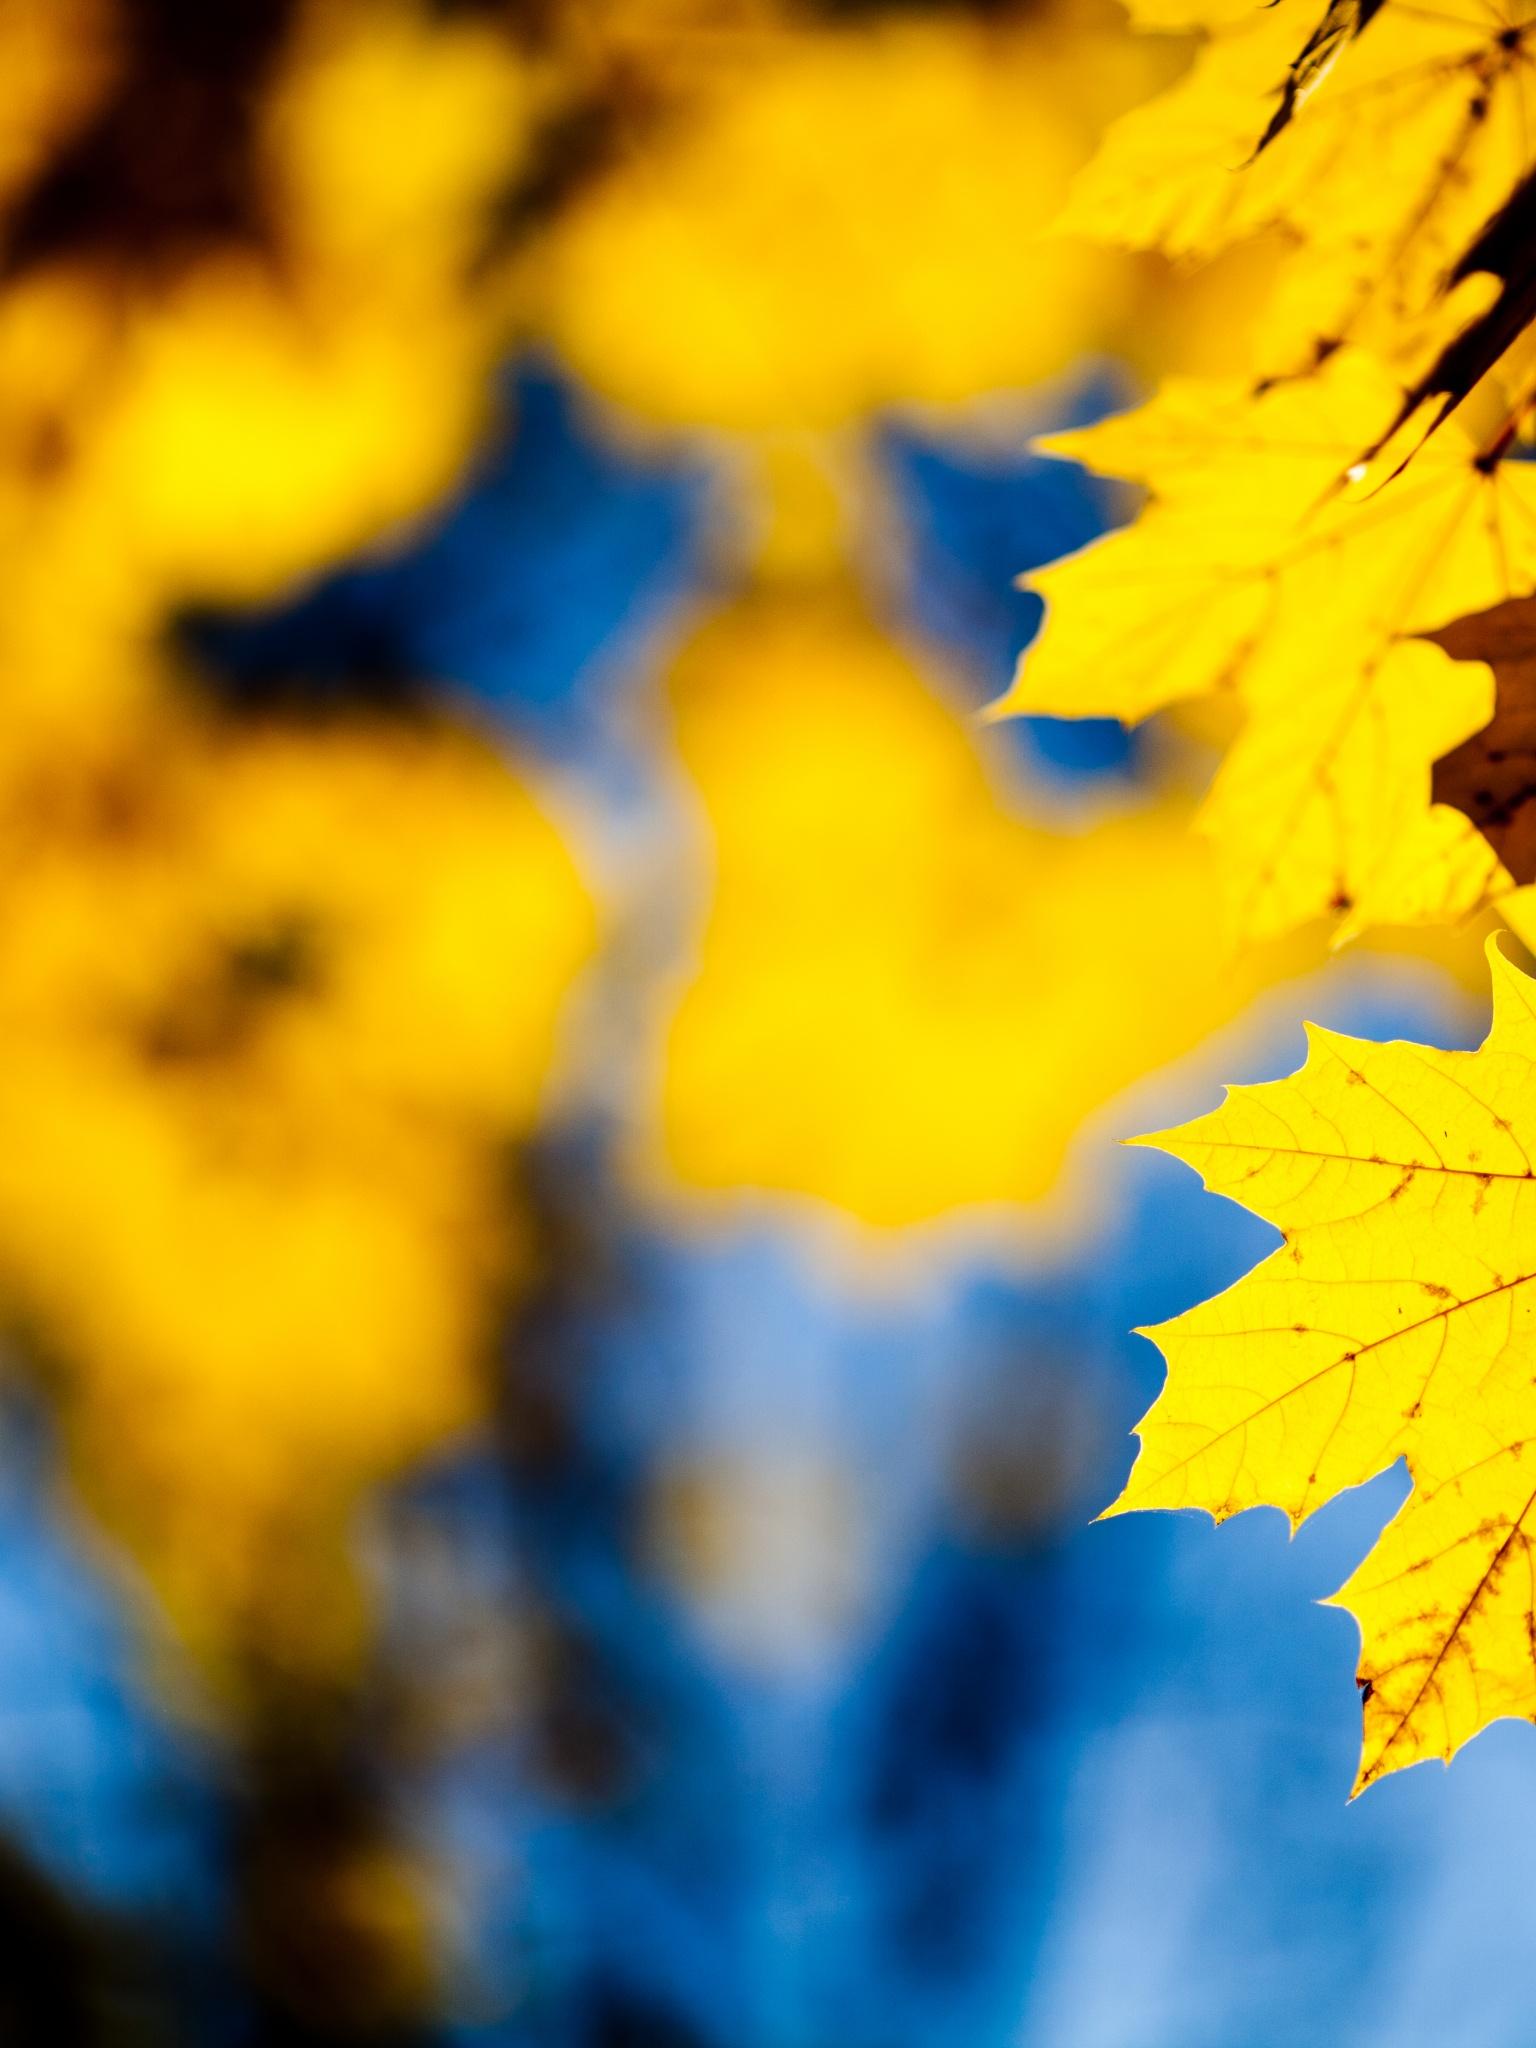 1536x2048 Yellow leafs Ipad 4 wallpaper 1536x2048